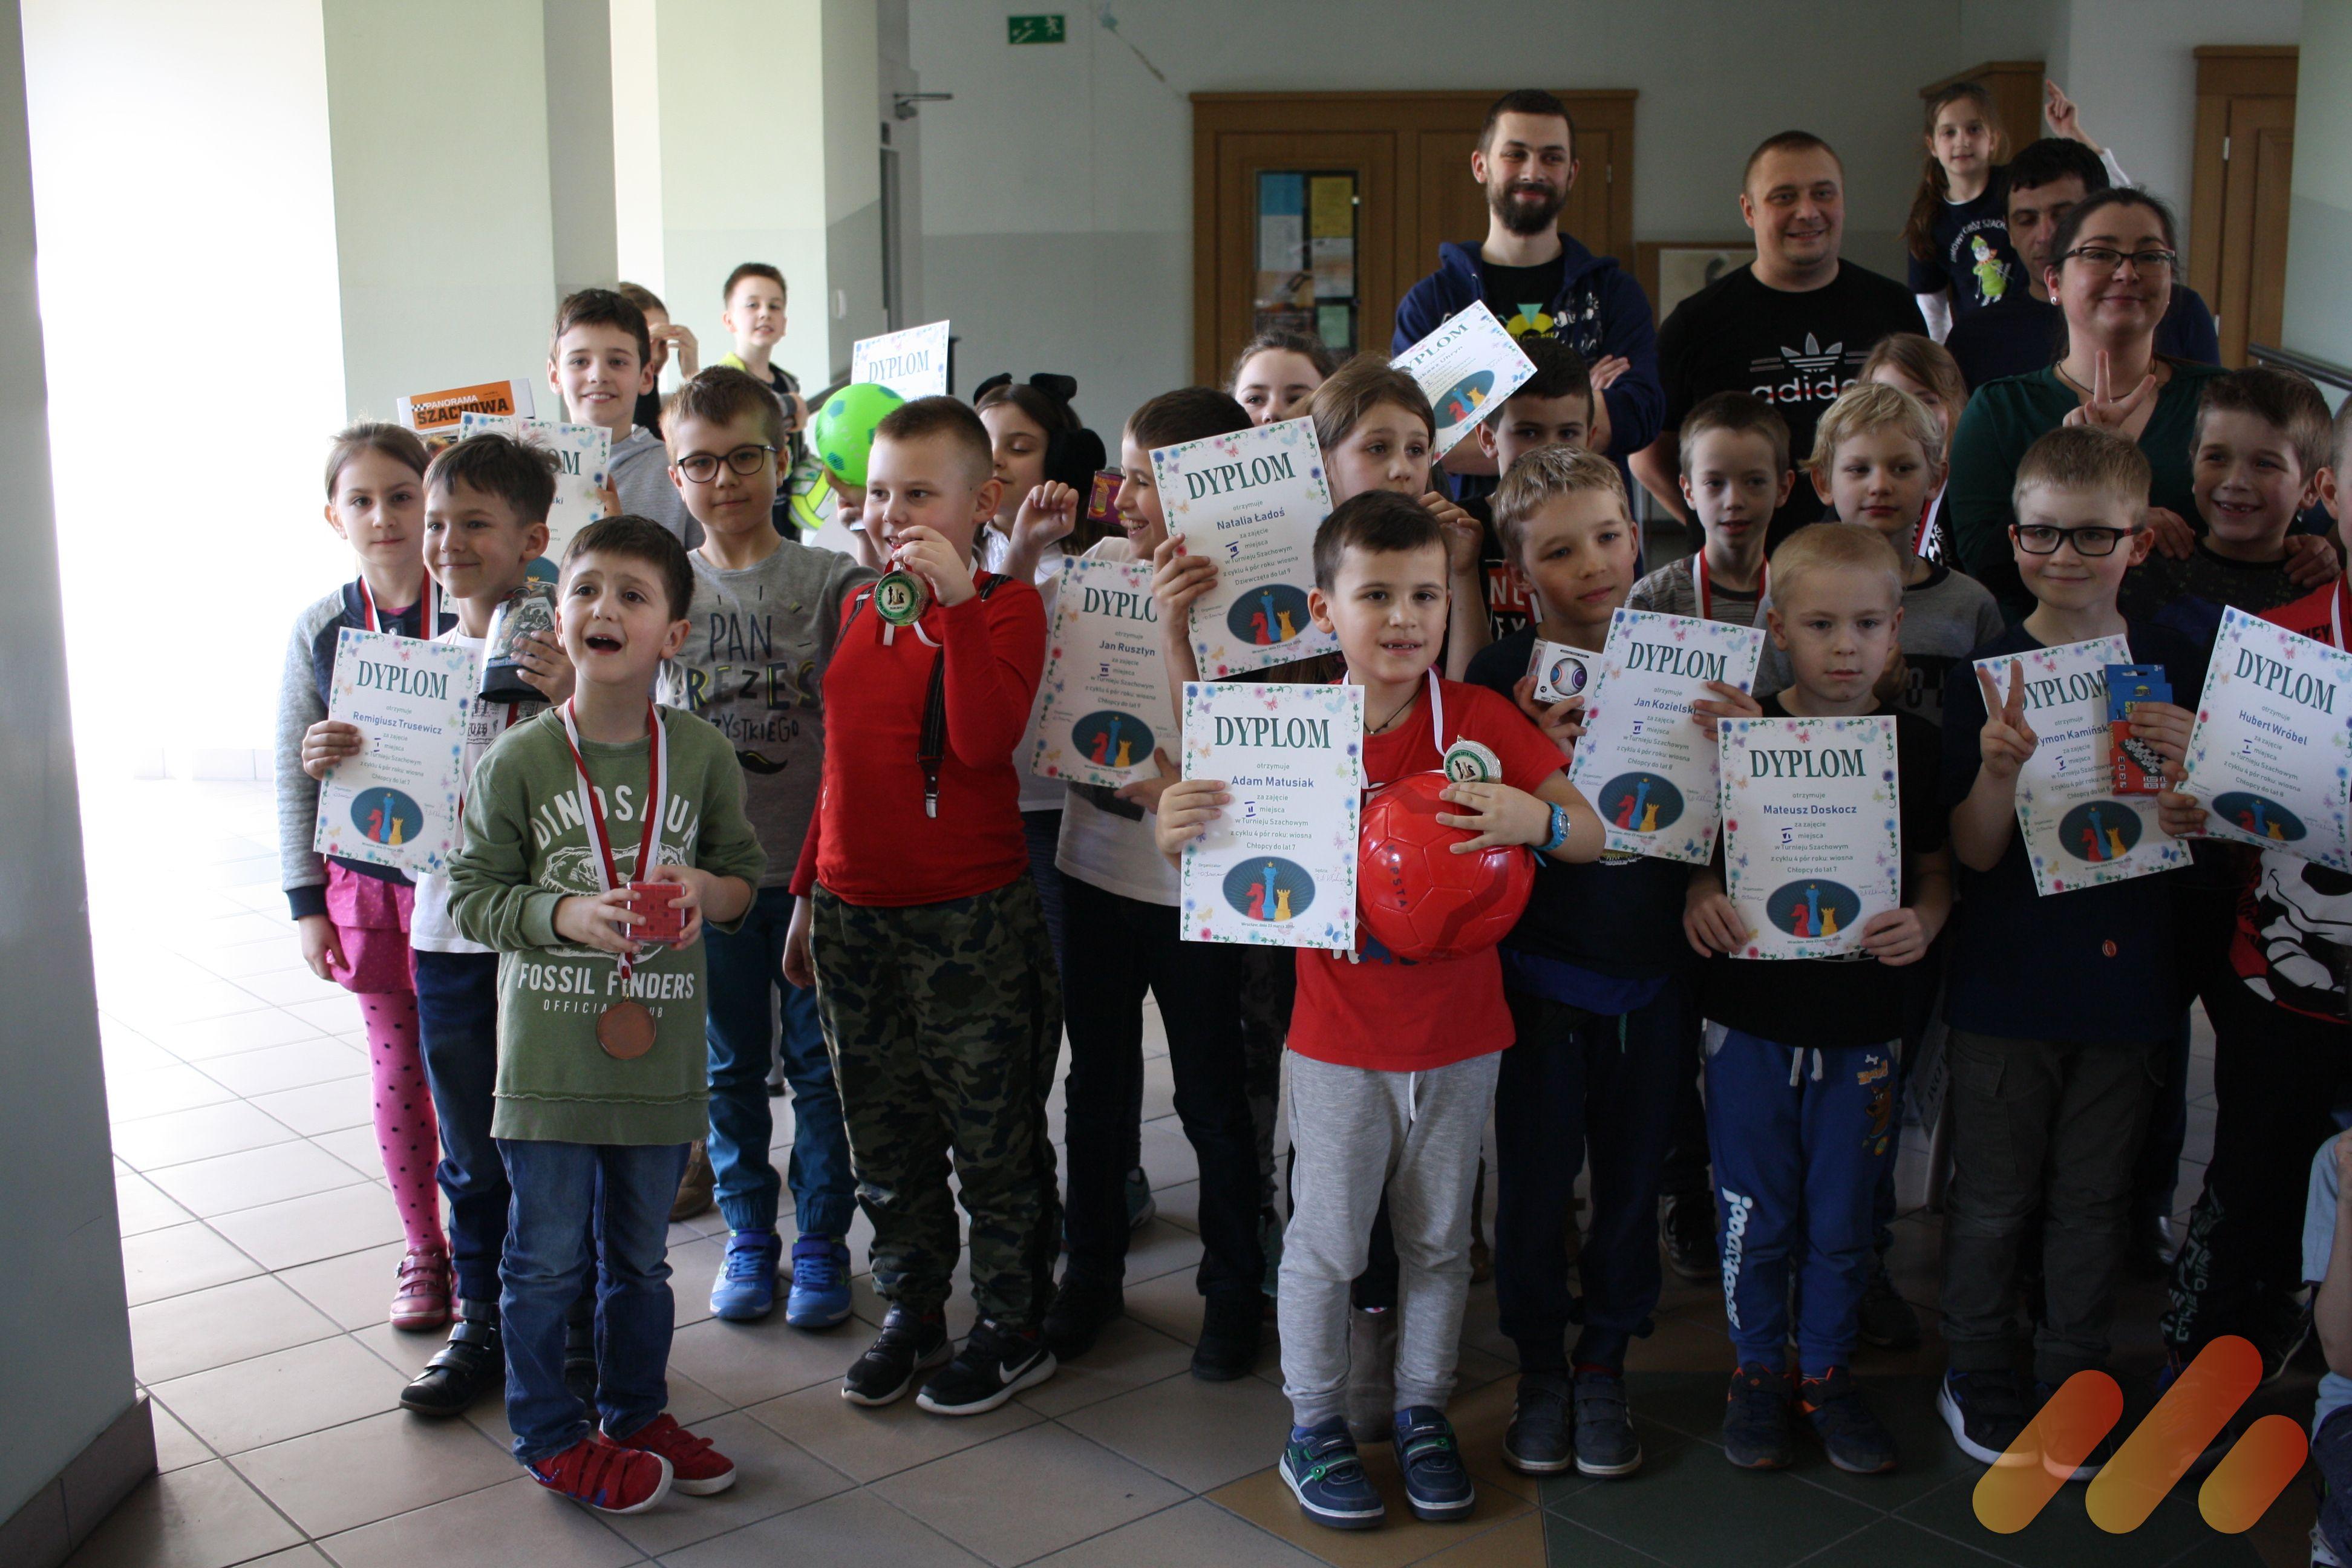 CYKL 4 PÓR ROKU KS AZS Wratislavia Wiosna Turniej do 9 lat